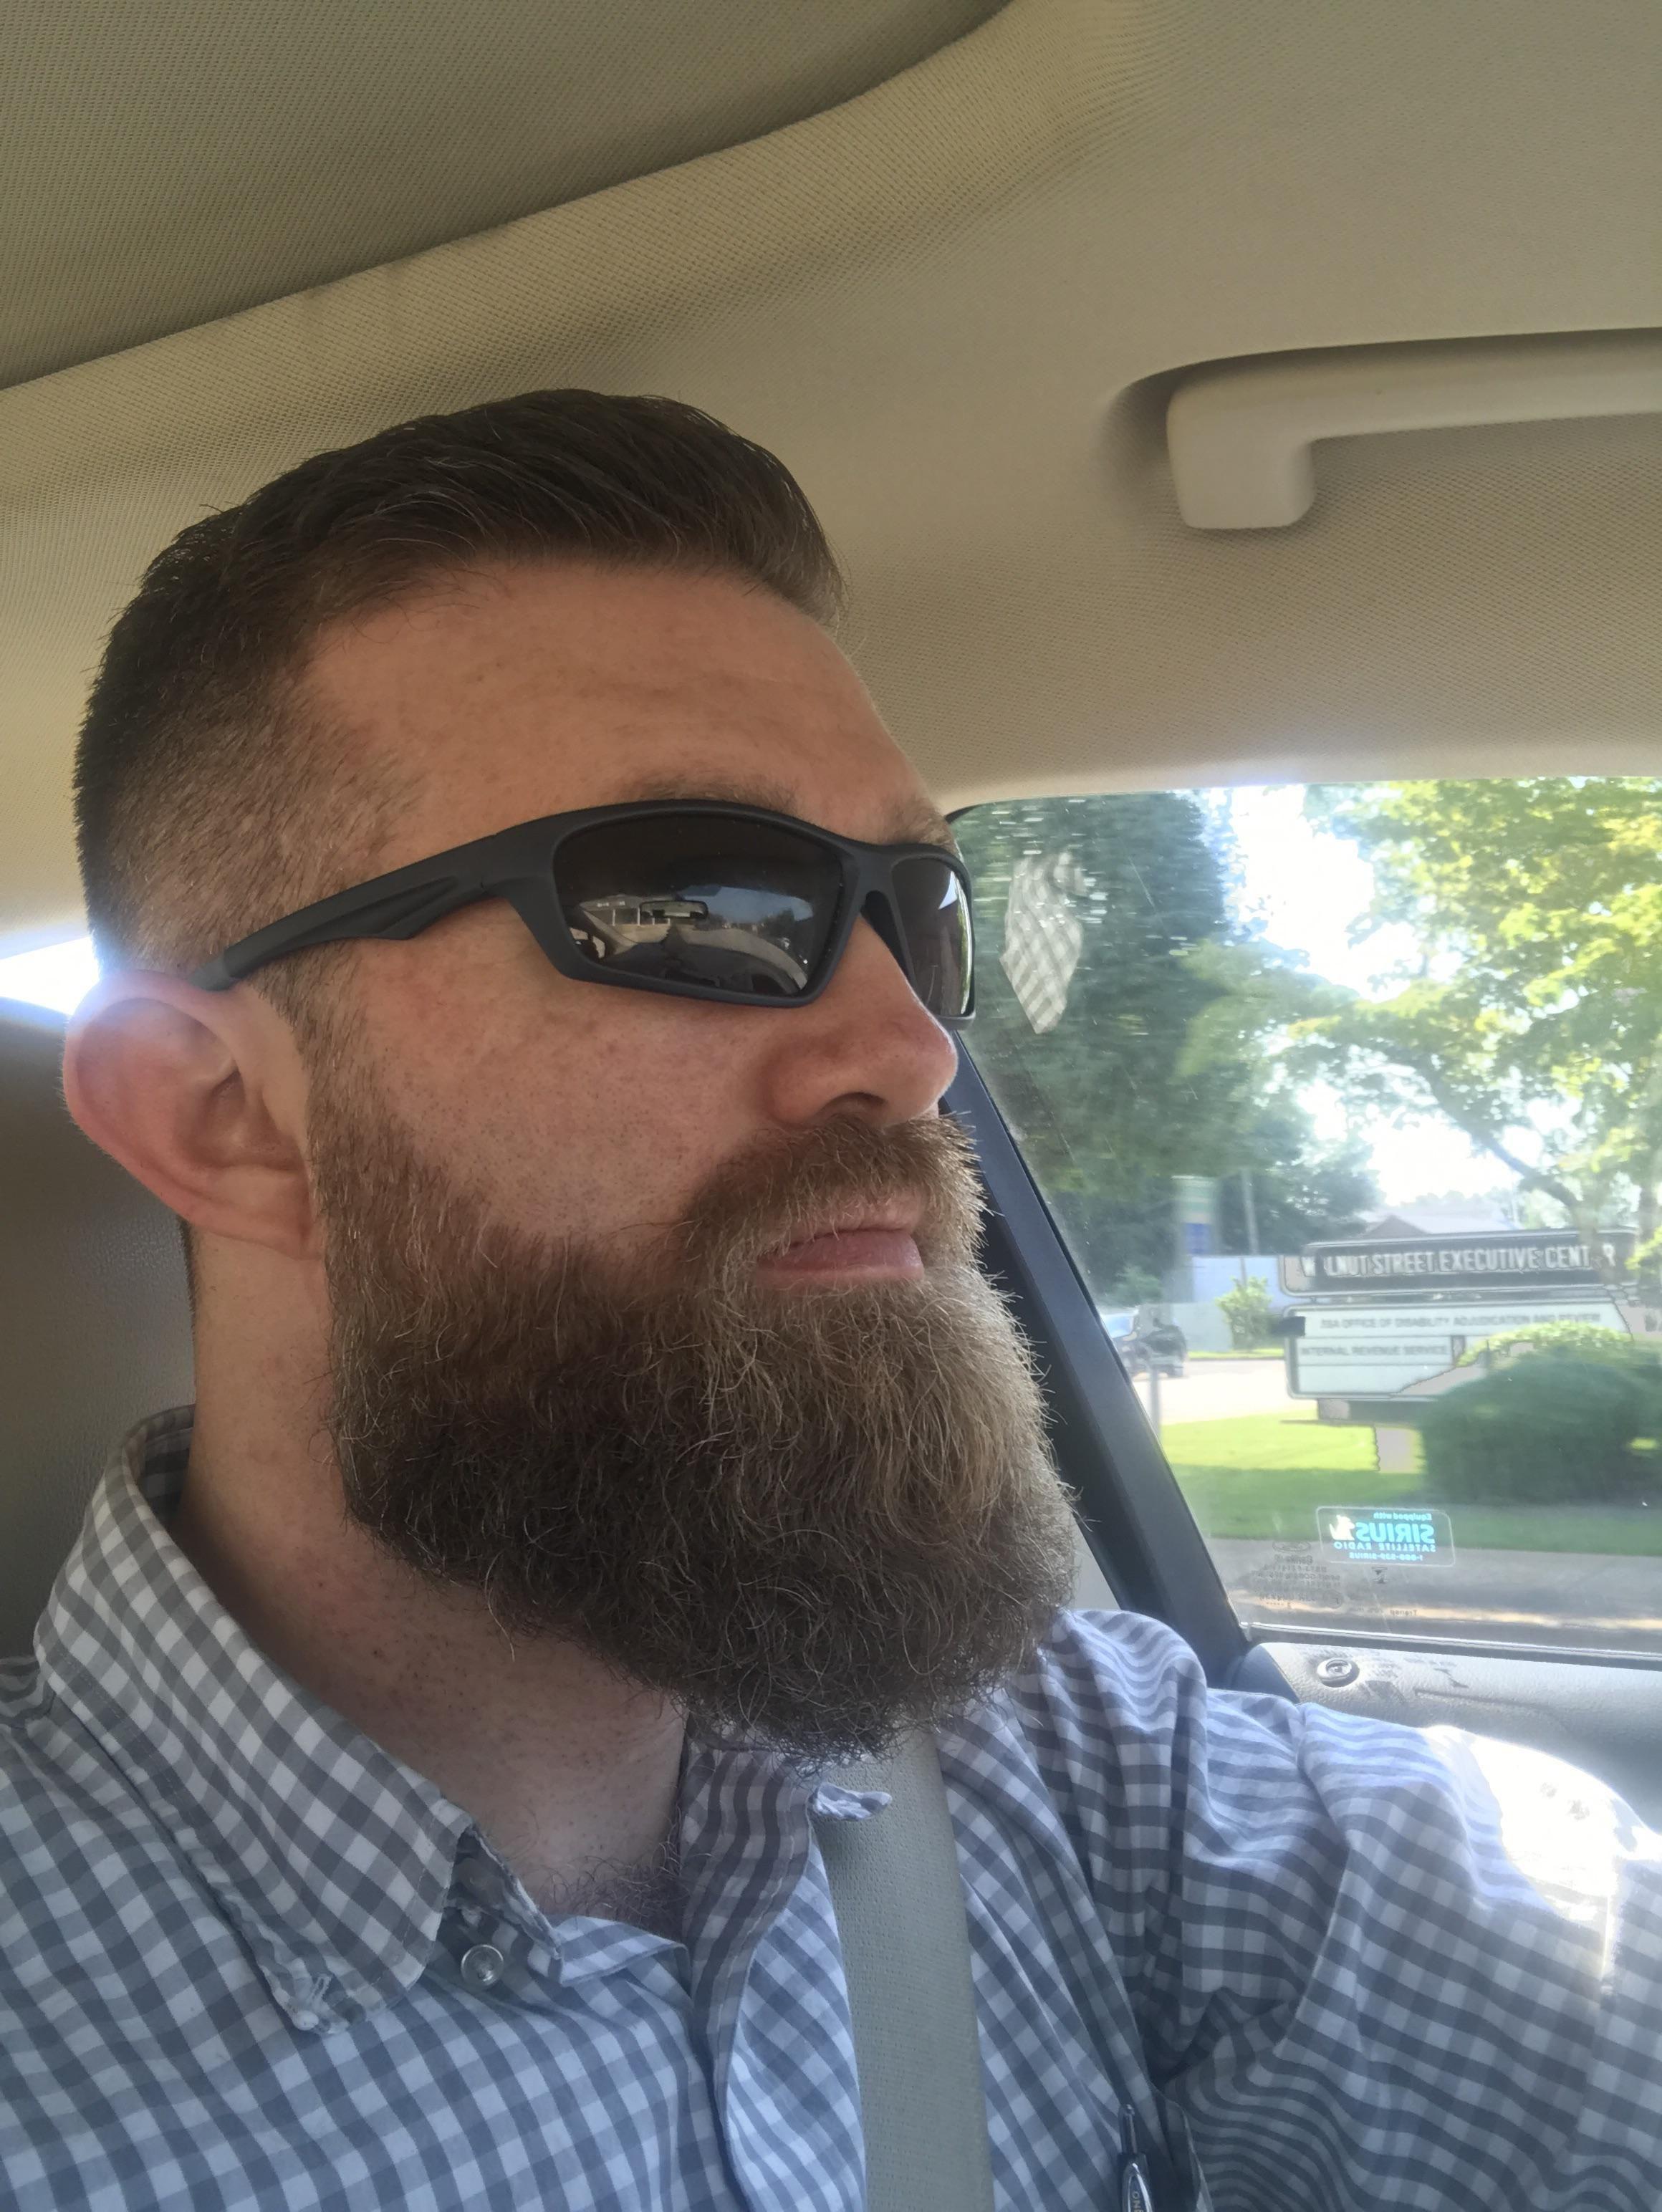 Pin On Beard Ideas